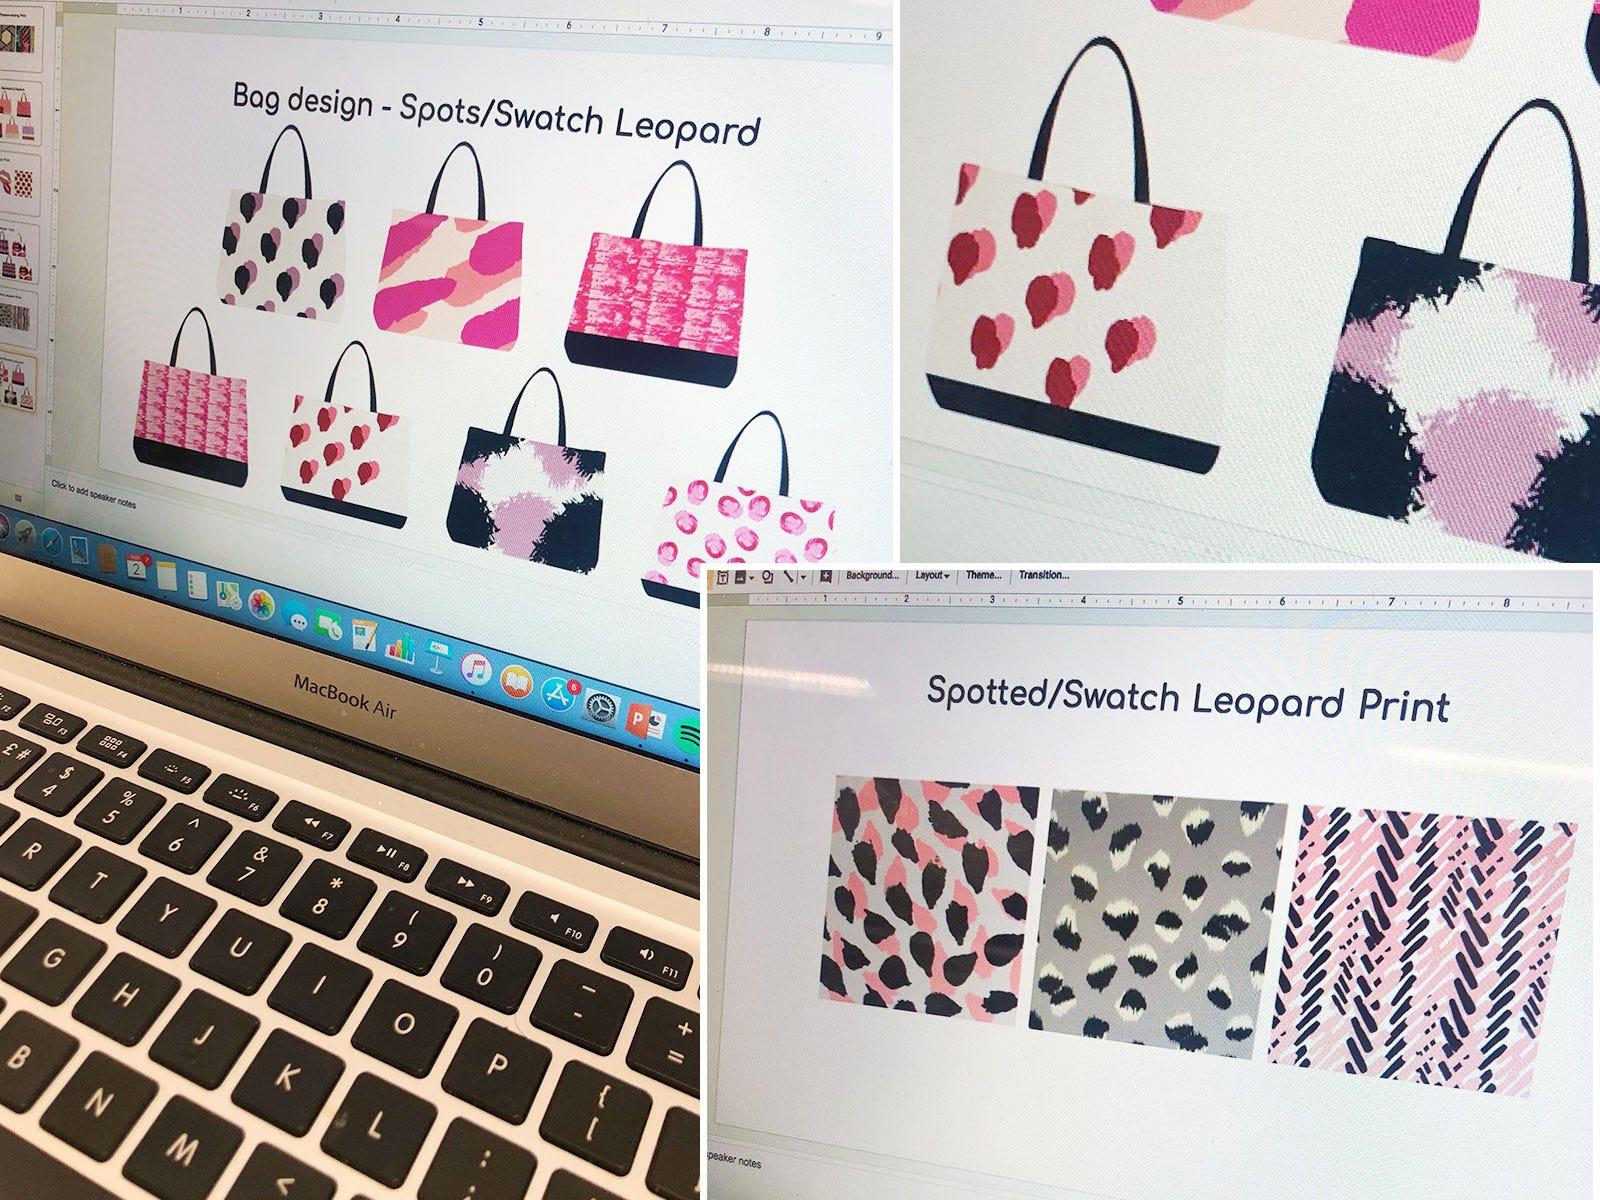 cew-bag-design